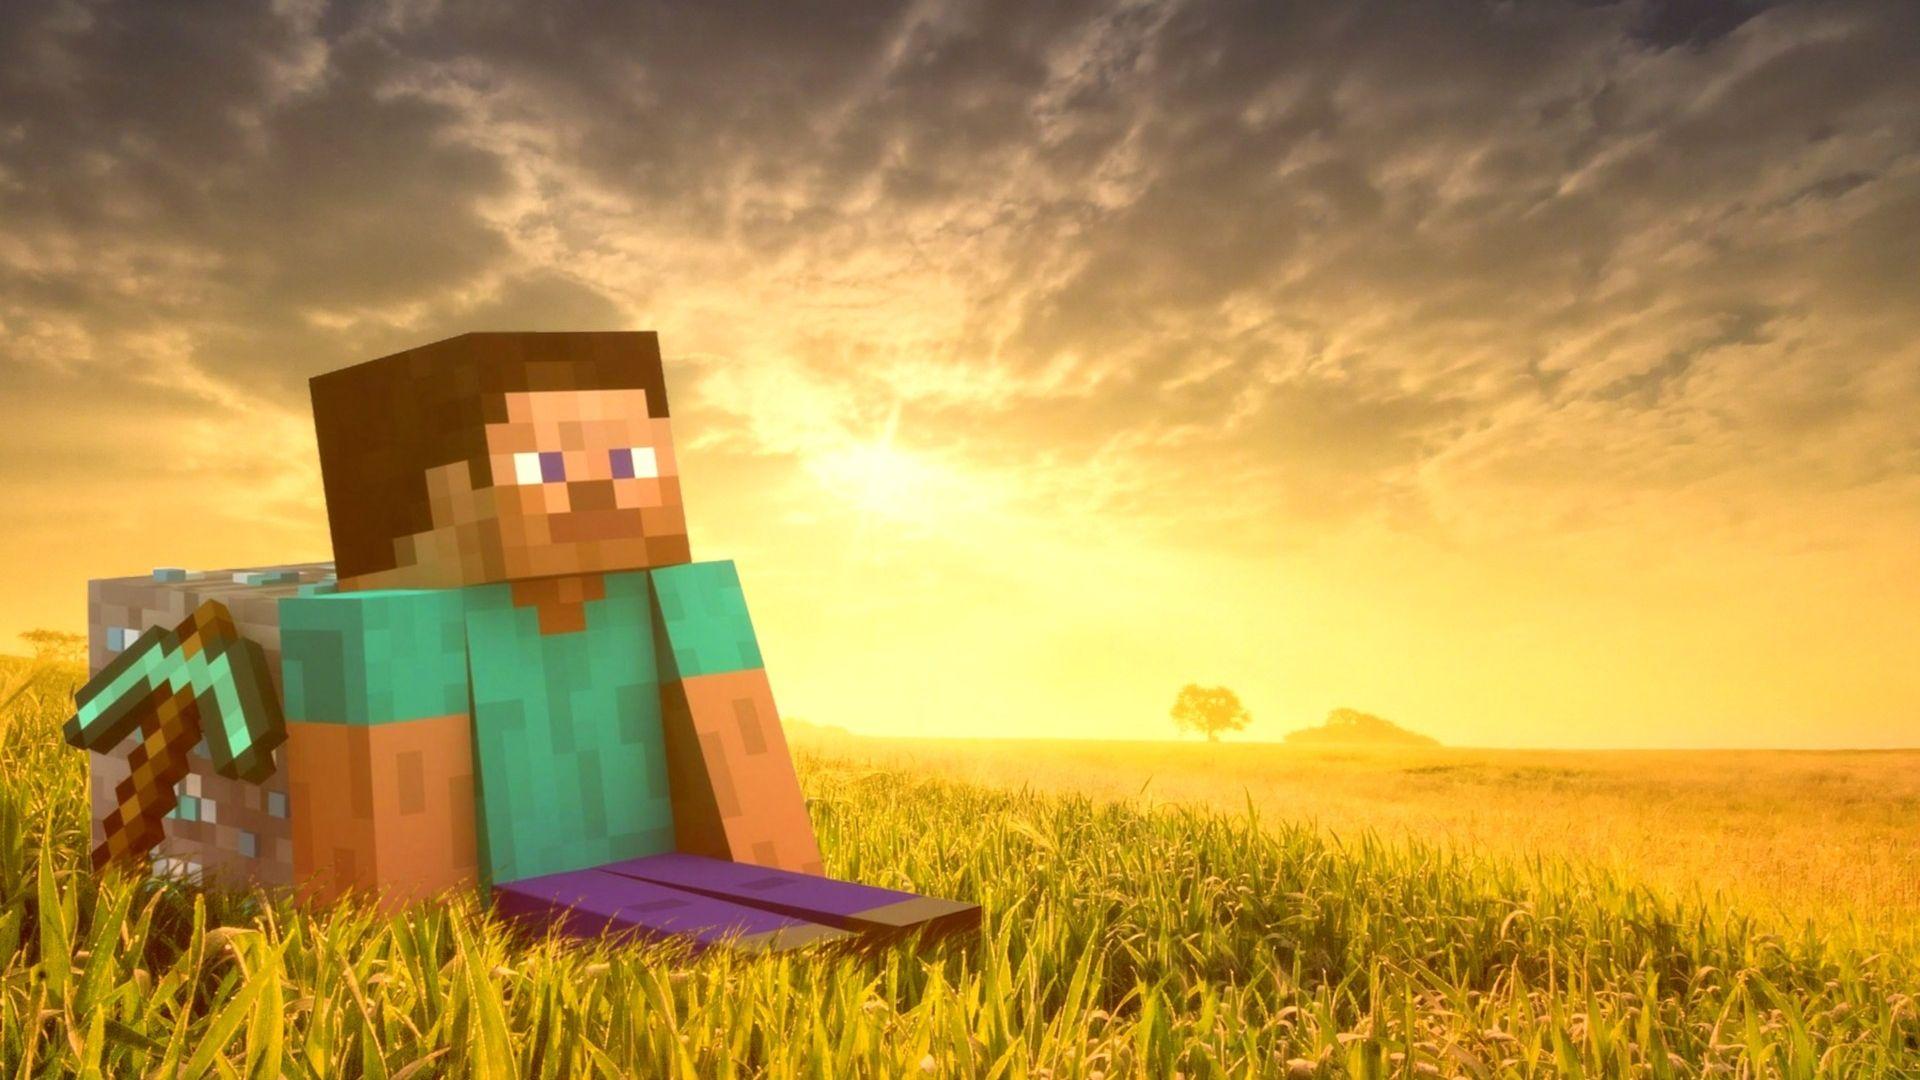 Hình nền nhân vật Minecraft